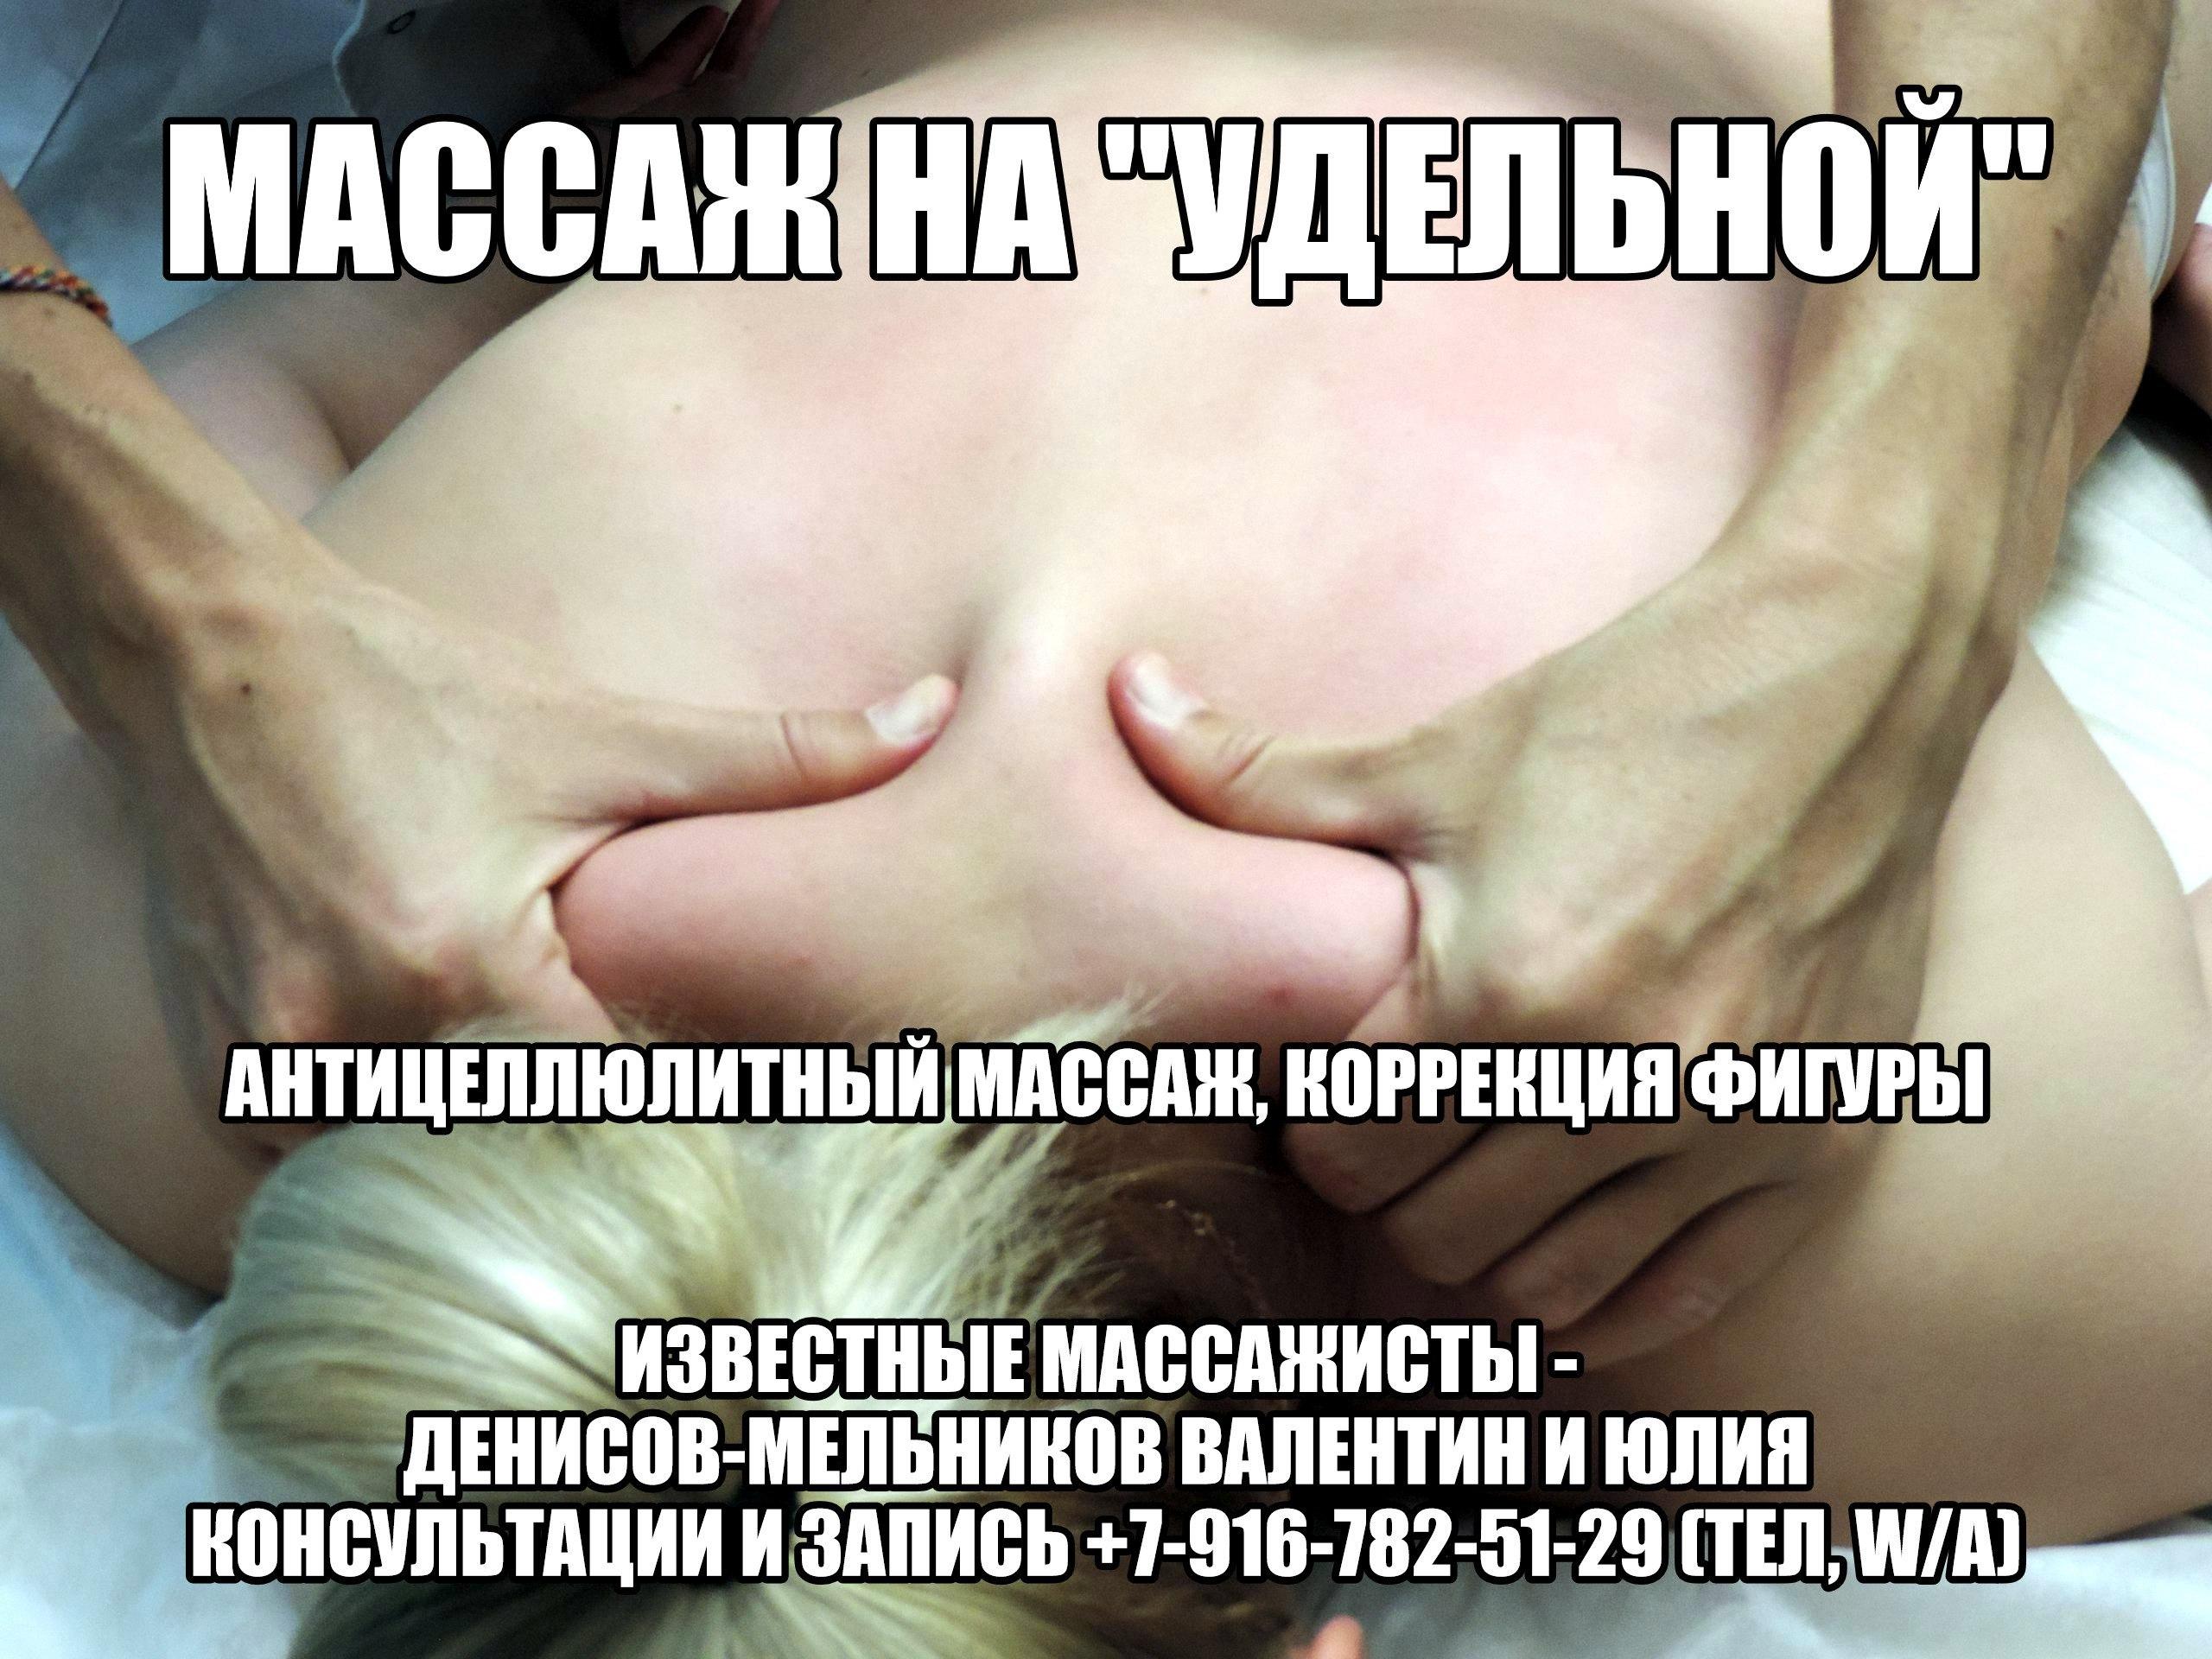 Массаж в СПб, антицеллюлитный массаж на Удельной, Массажист Юлия Денисова-Мельникова,